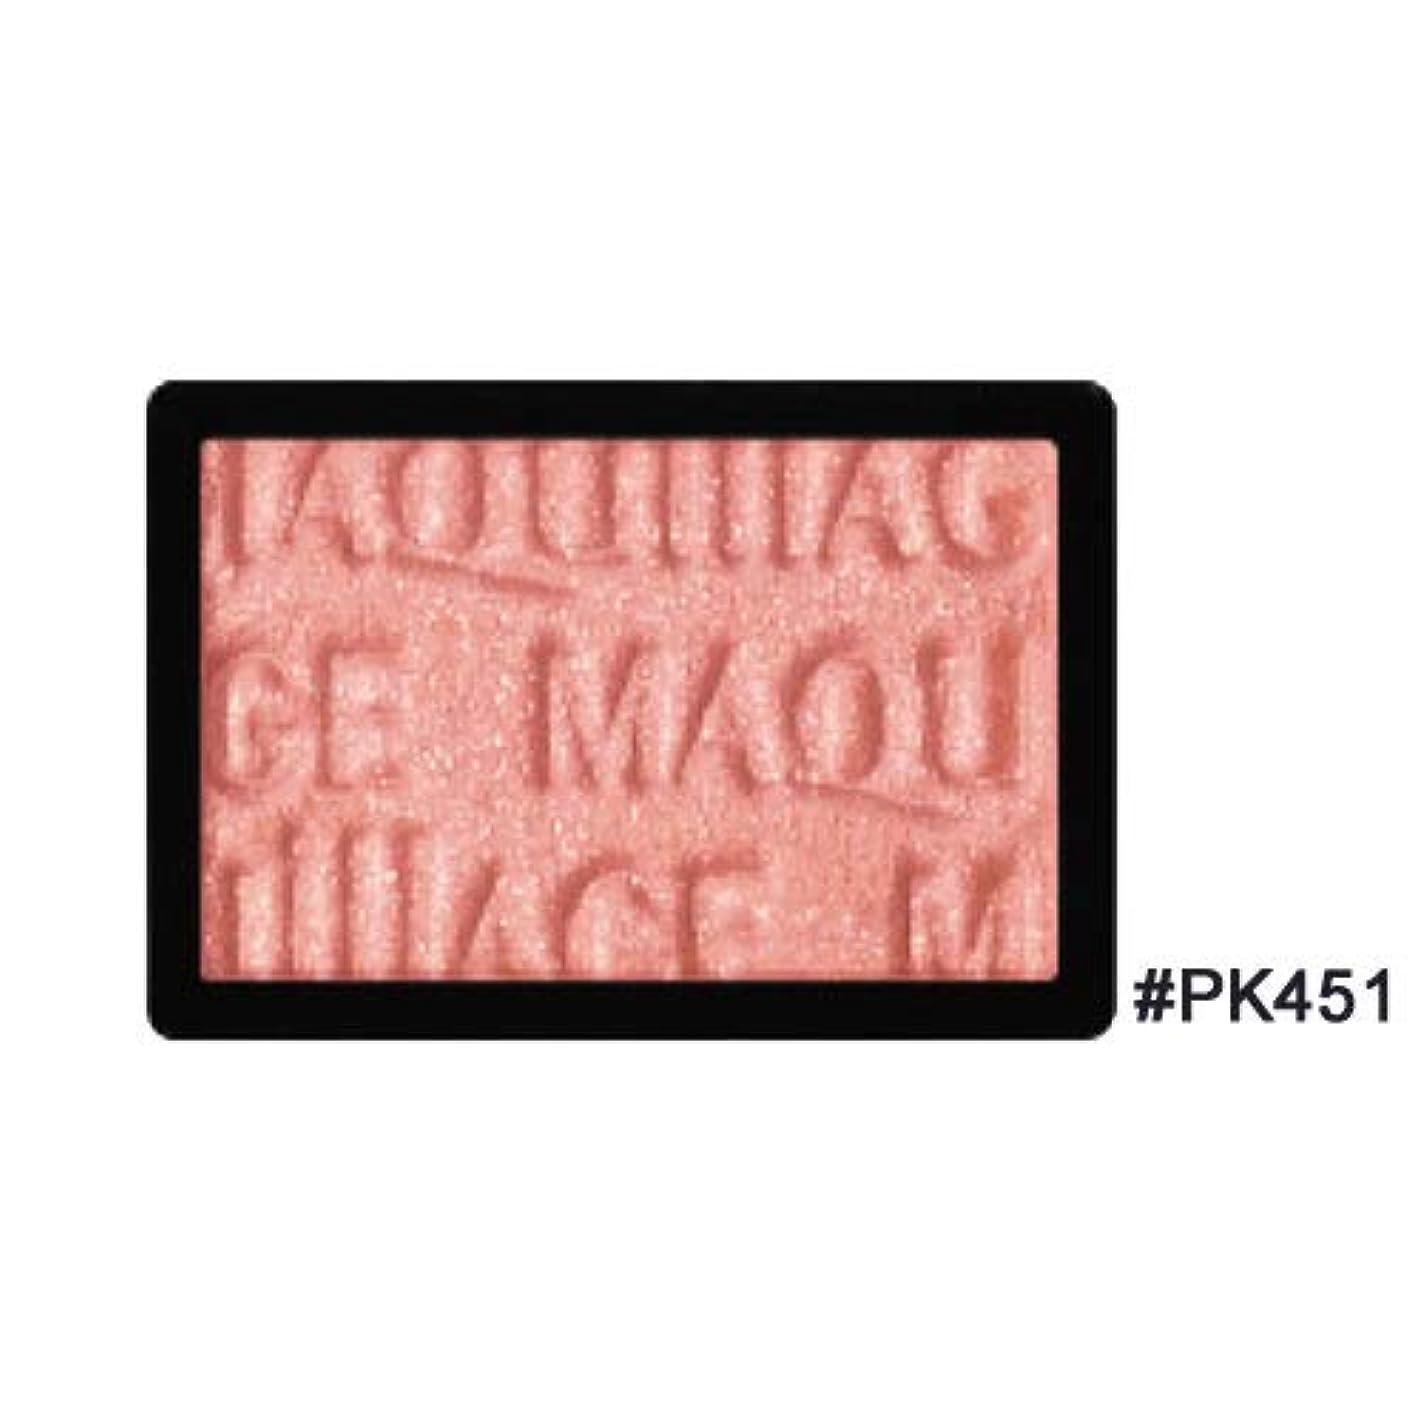 資生堂 SHISEIDO マキアージュ アイカラー N (パウダー) レフィル #PK451 [並行輸入品]